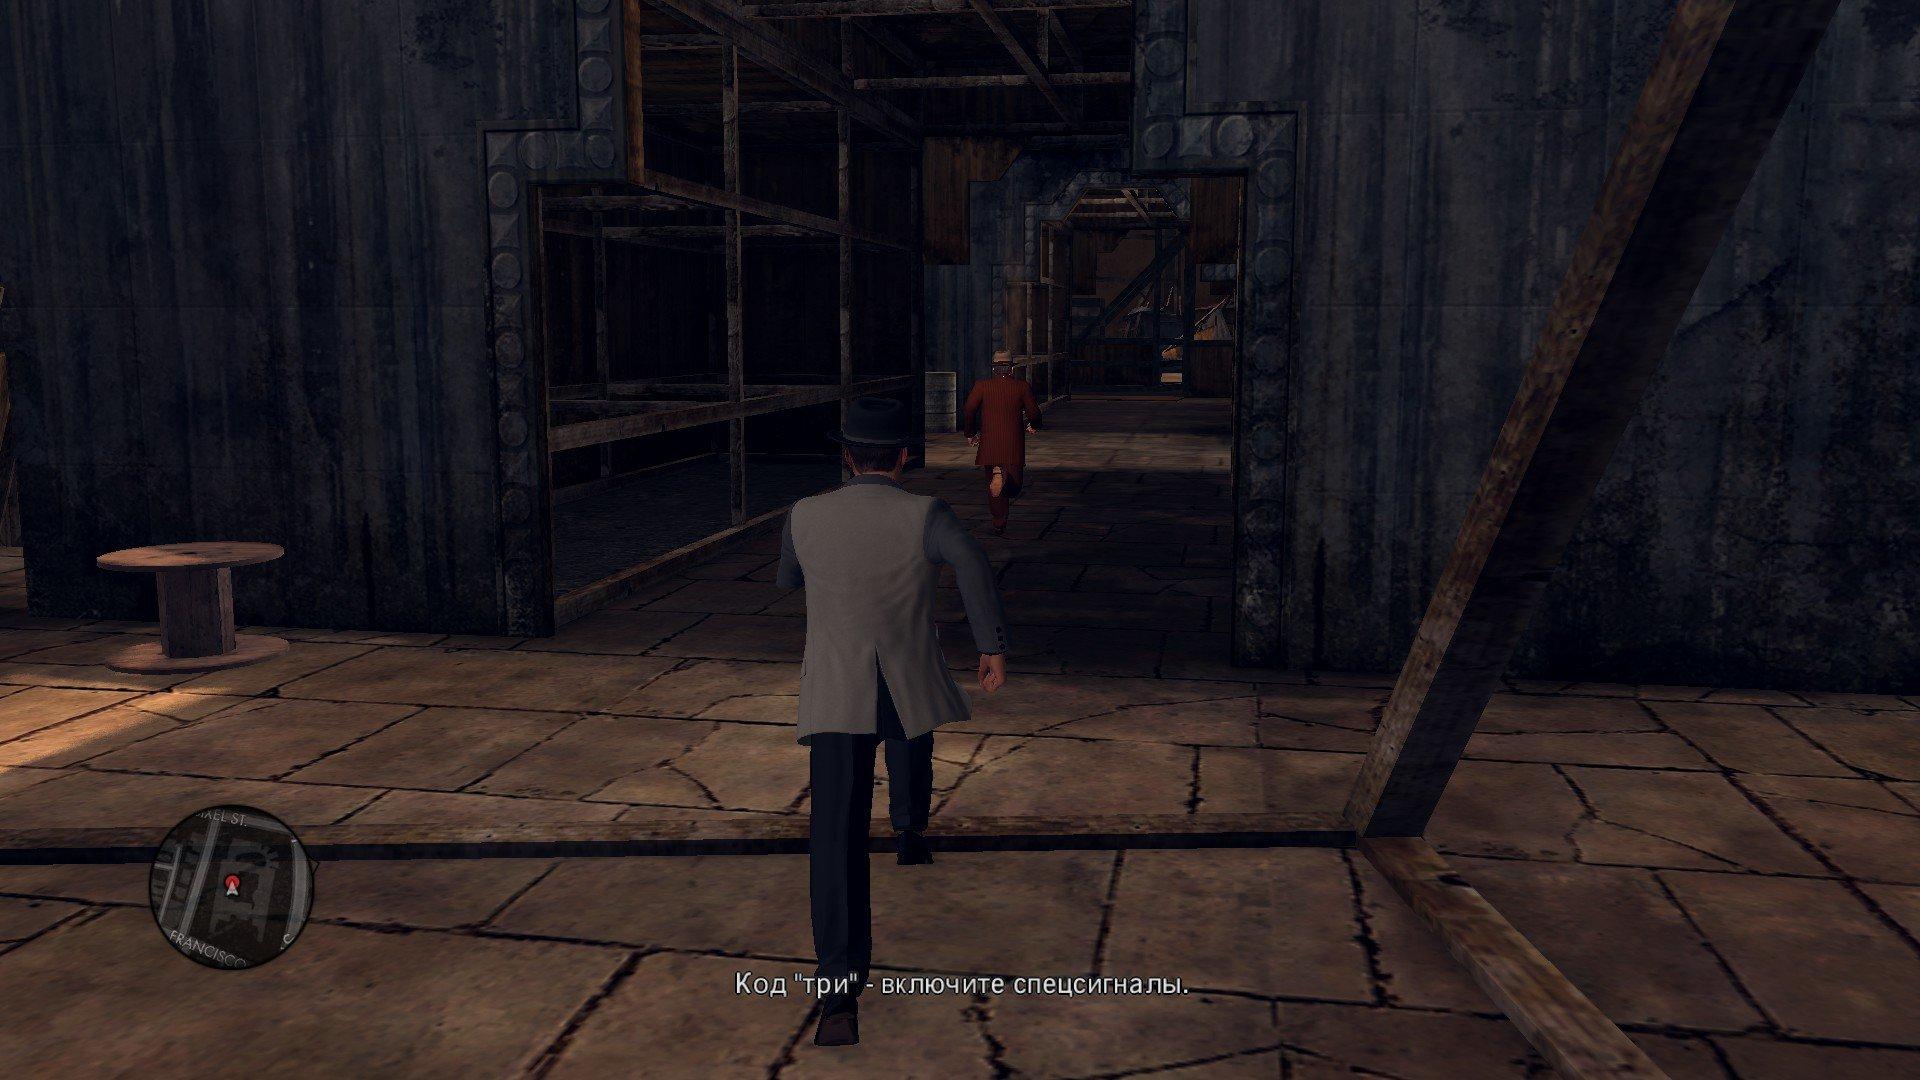 Пост-прохождение L.A. Noire Часть 5 - Изображение 47